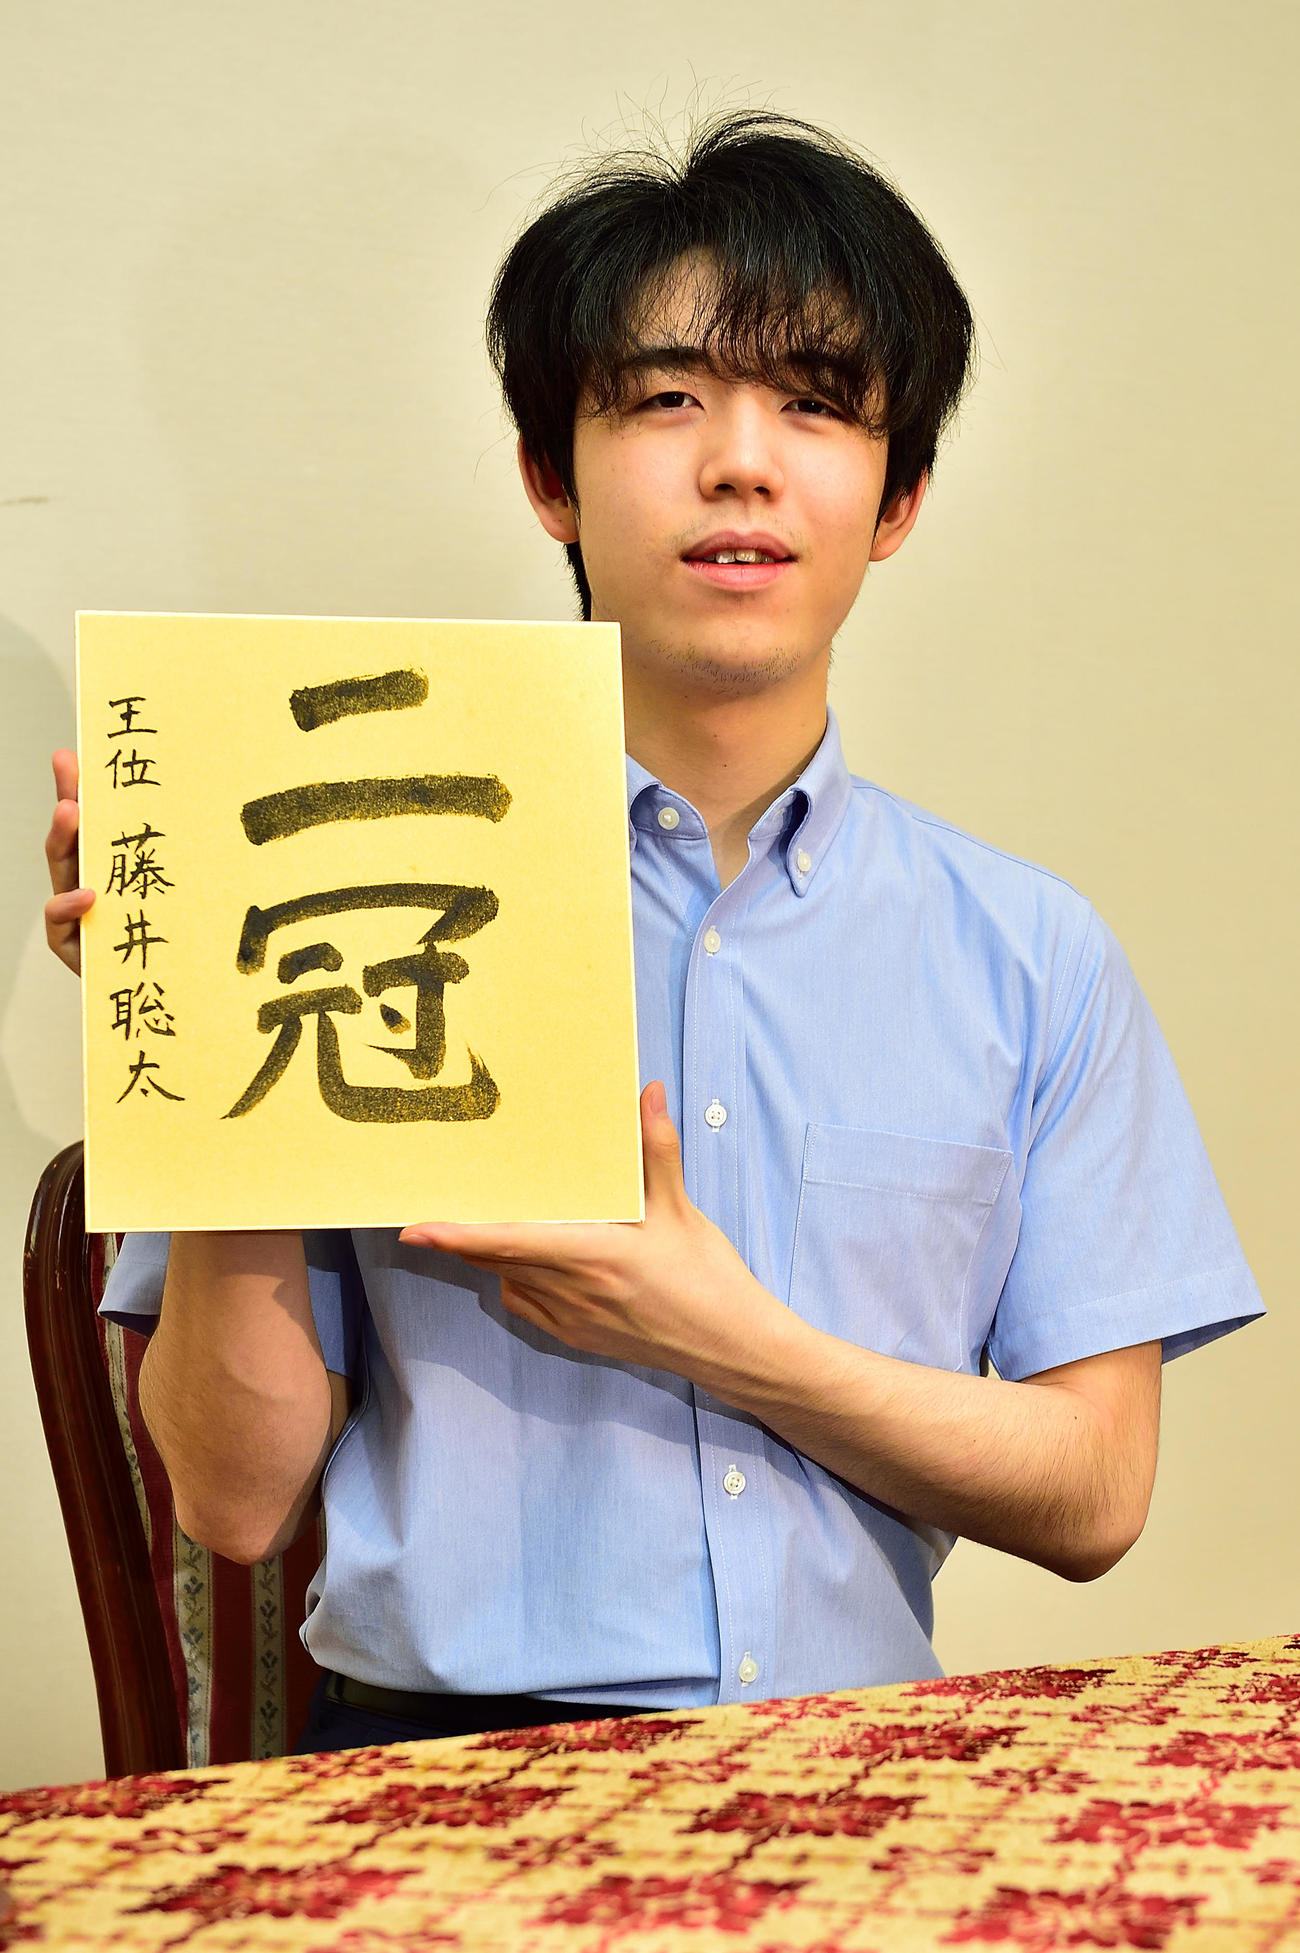 福岡市内で一夜明け会見をする藤井聡太2冠(日本将棋連盟提供)